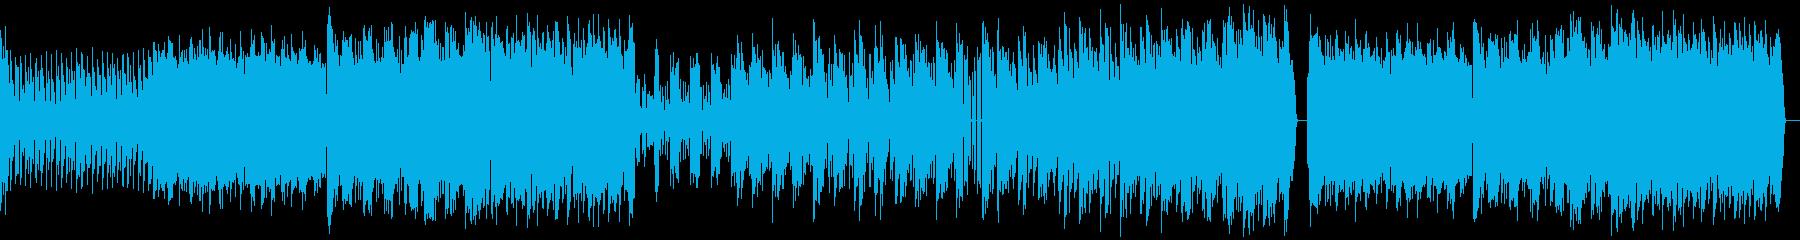 邪悪でトップスピードなハードコアテクノの再生済みの波形